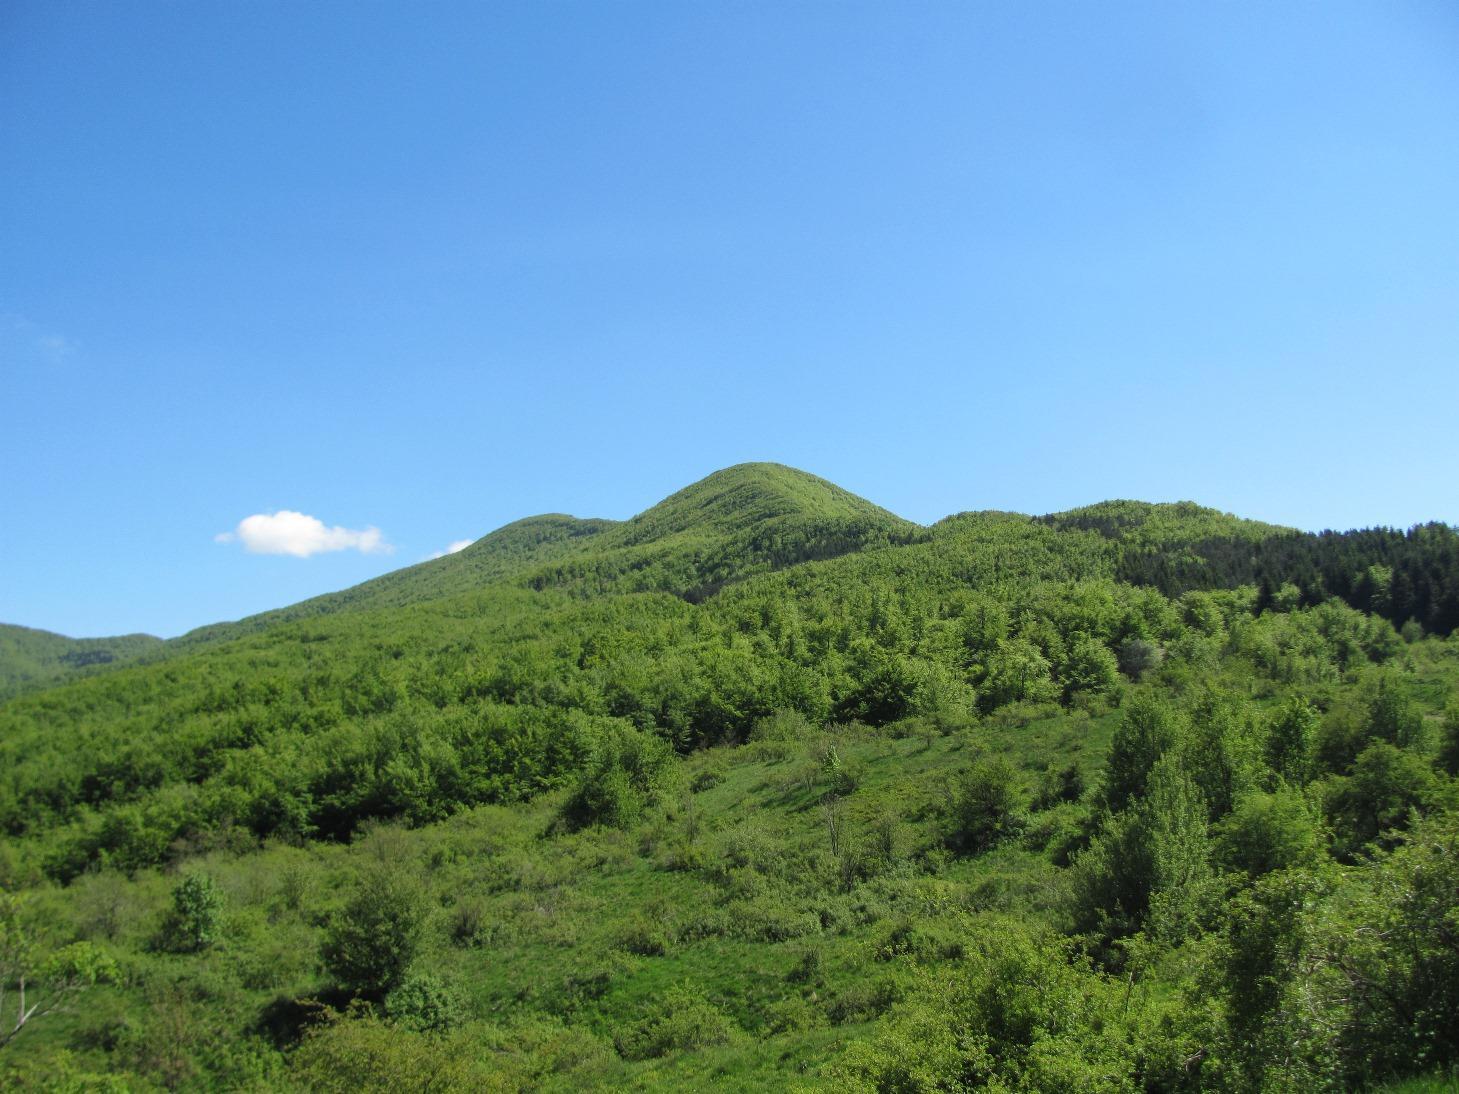 Il versante boscoso del Monte Gottero